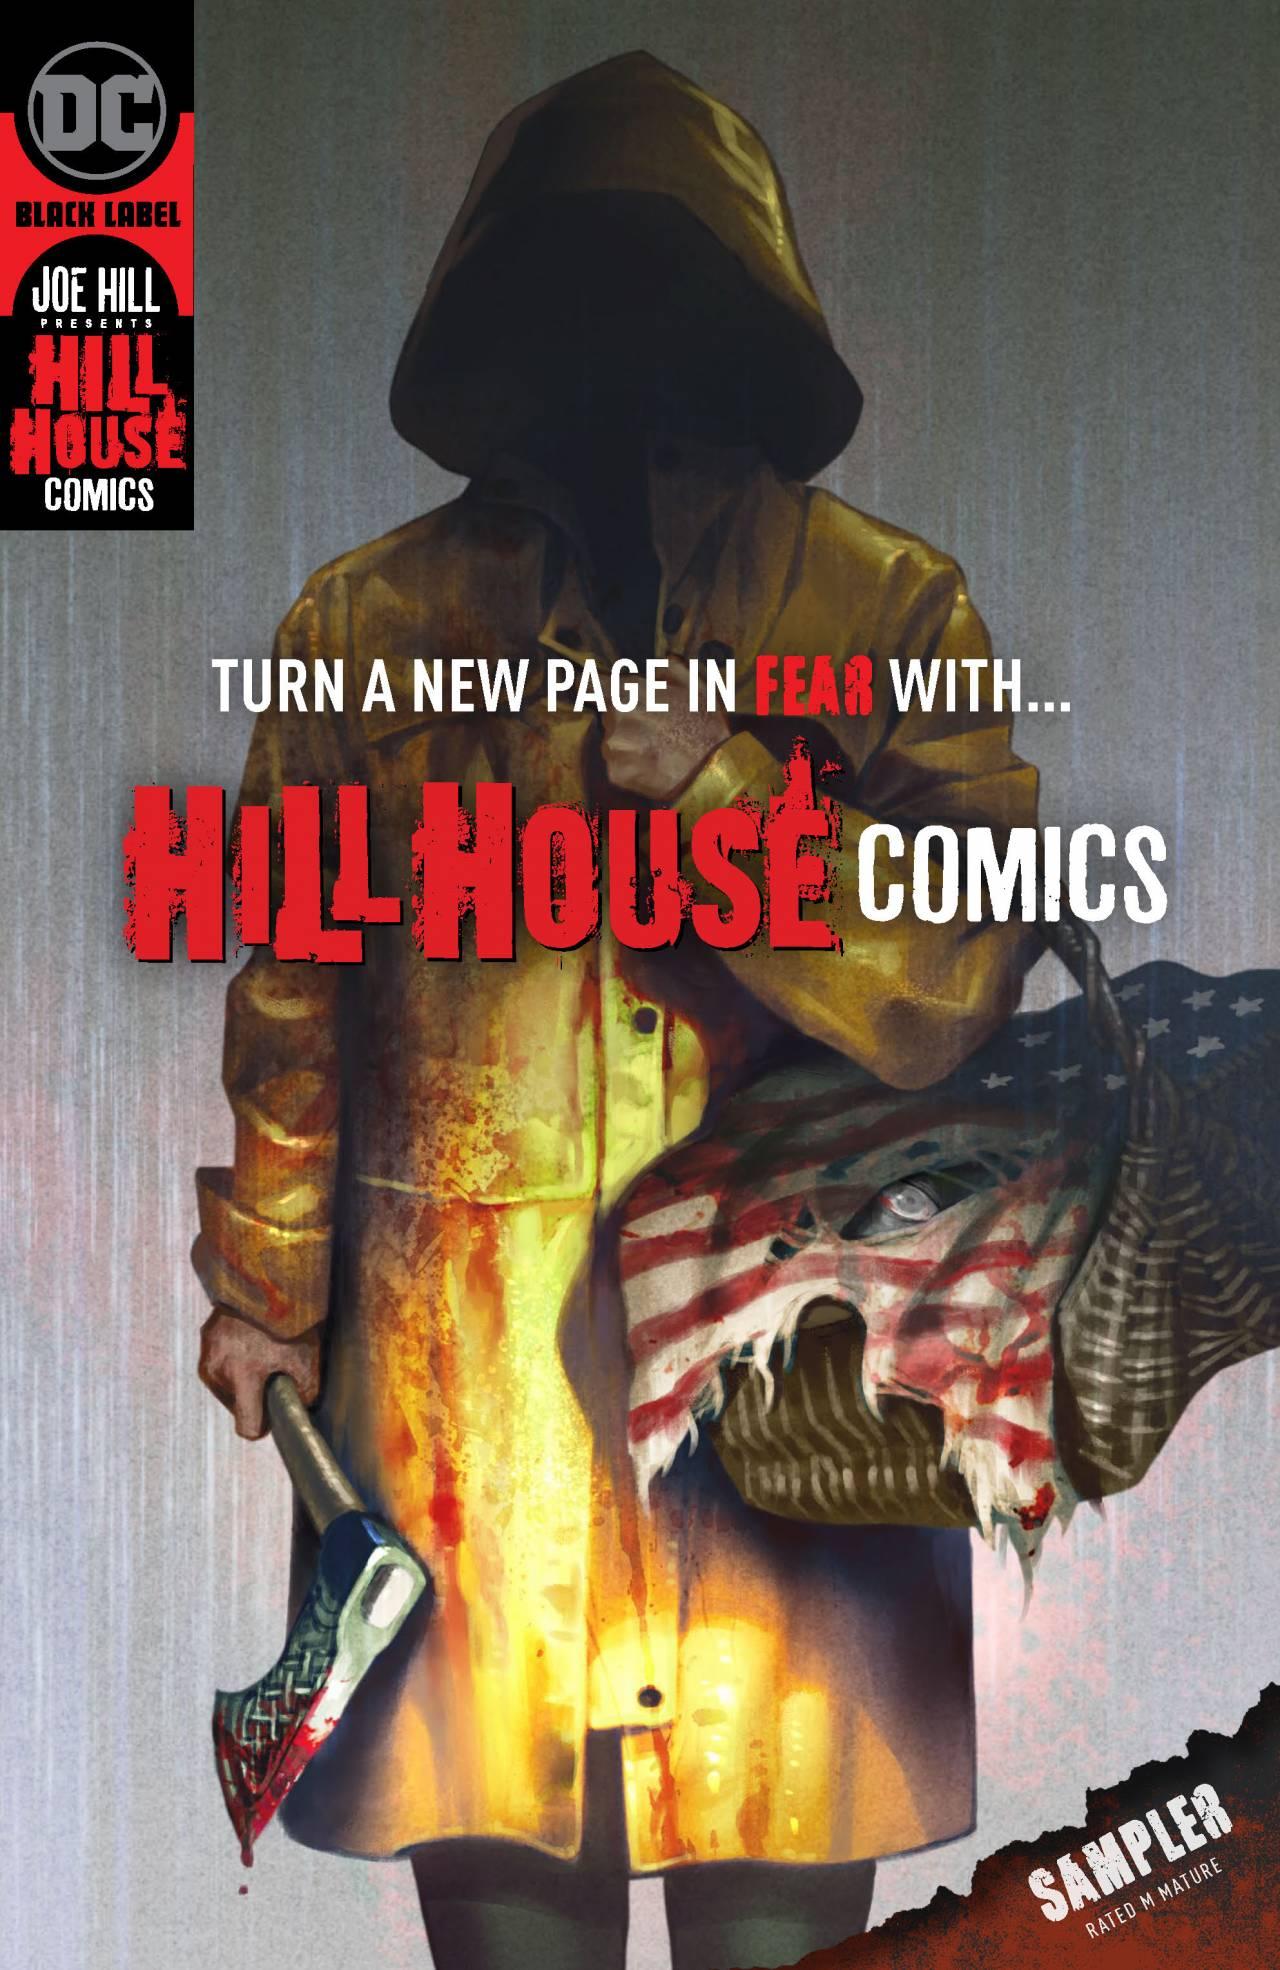 Hill House Comics; DC en Joe Hill komen met 5 nieuwe horrorcomics - De Nachtvlinders